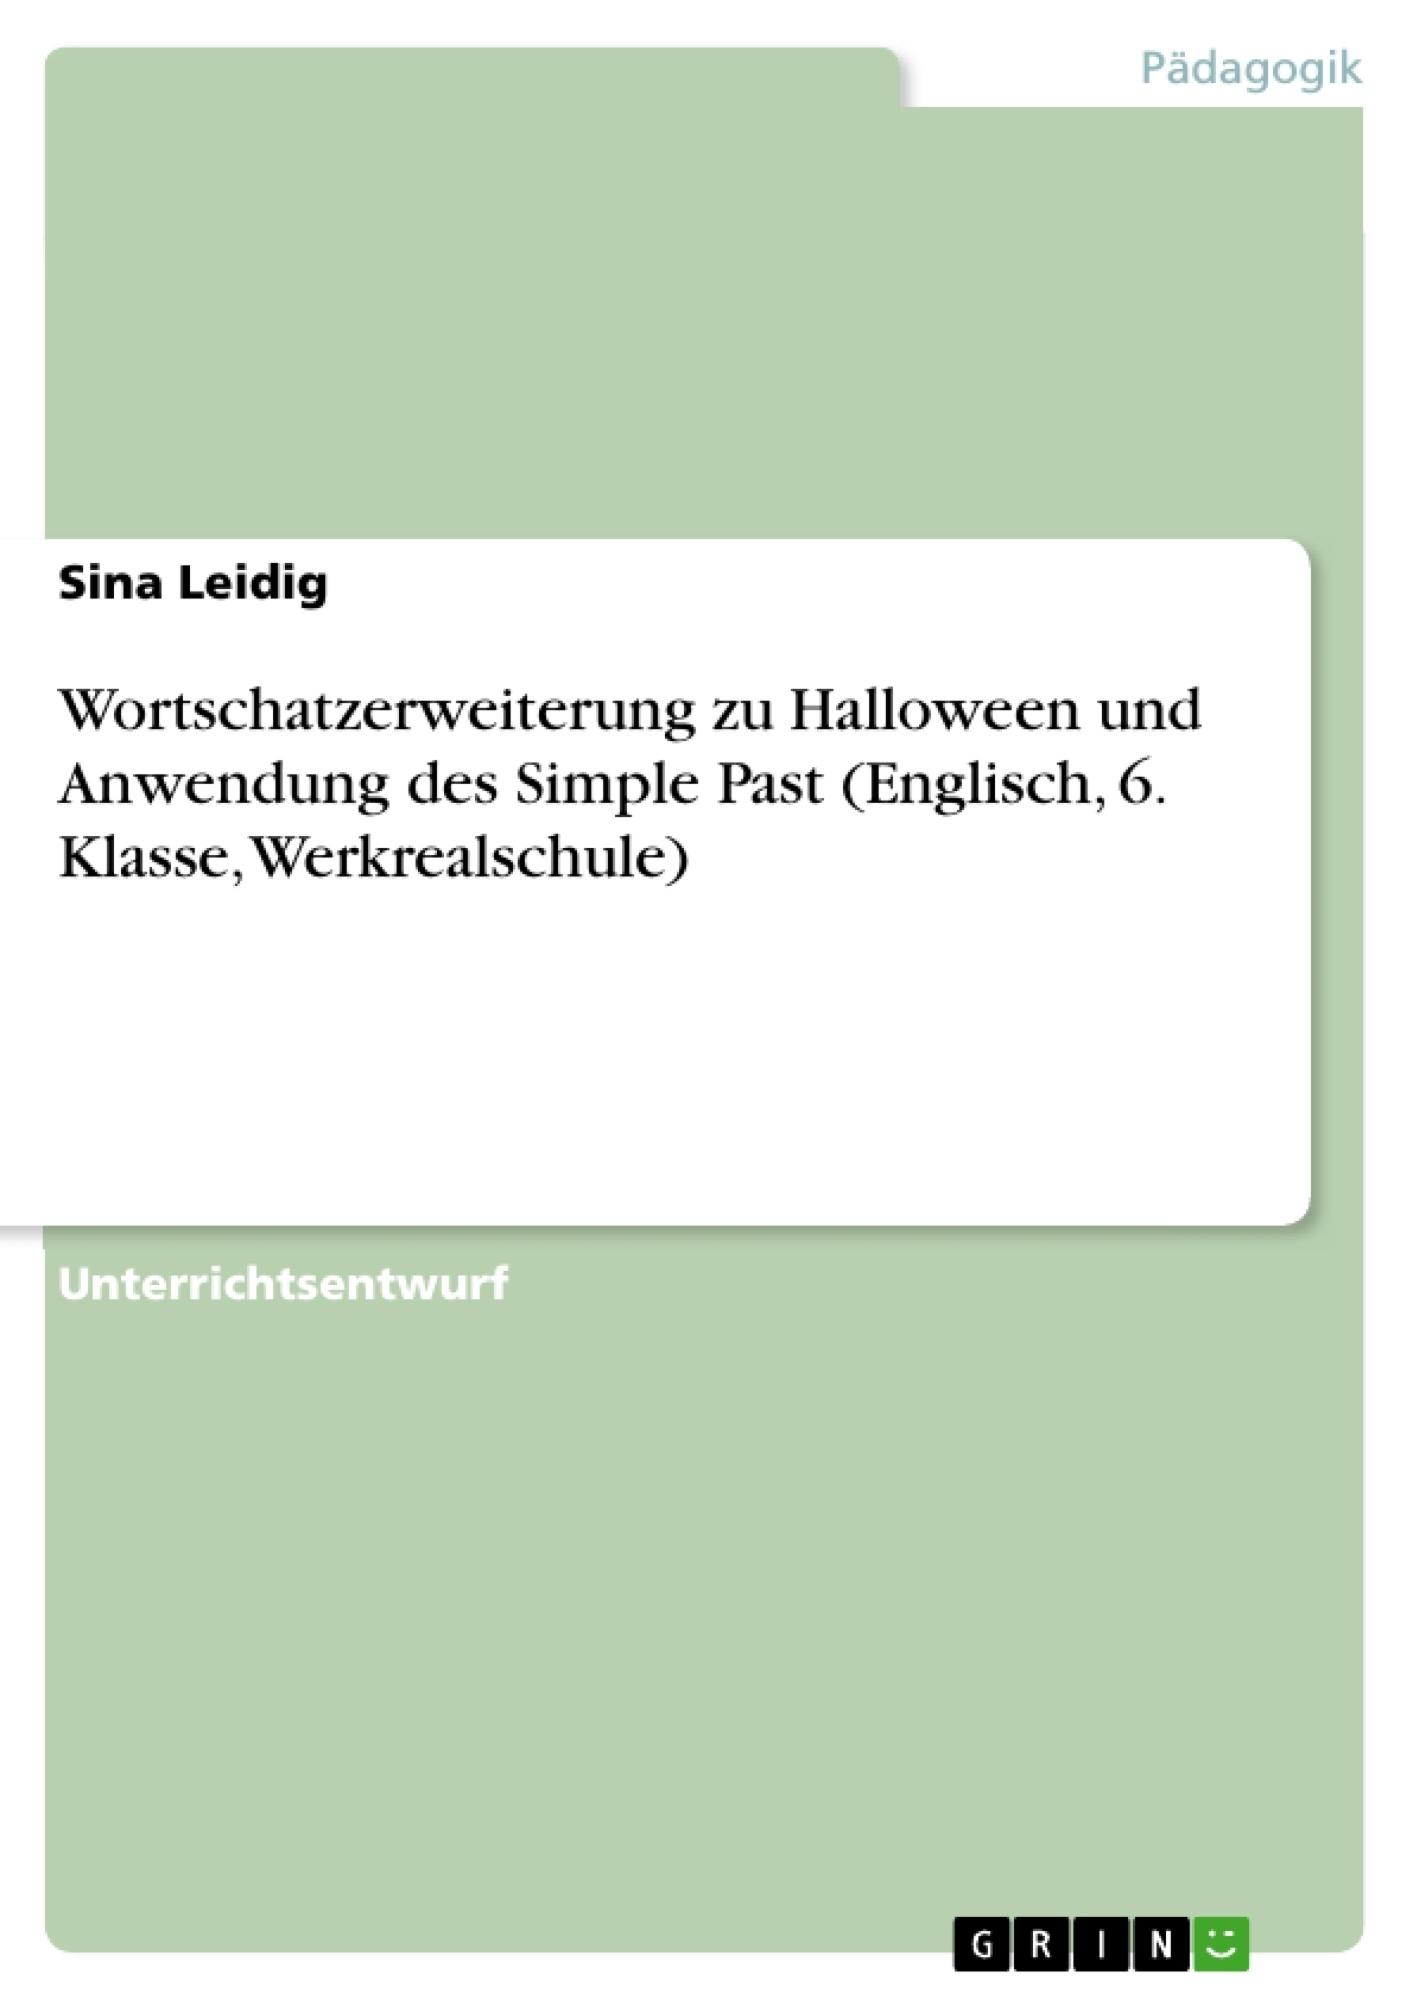 Titel: Wortschatzerweiterung zu Halloween und Anwendung des Simple Past (Englisch, 6. Klasse, Werkrealschule)